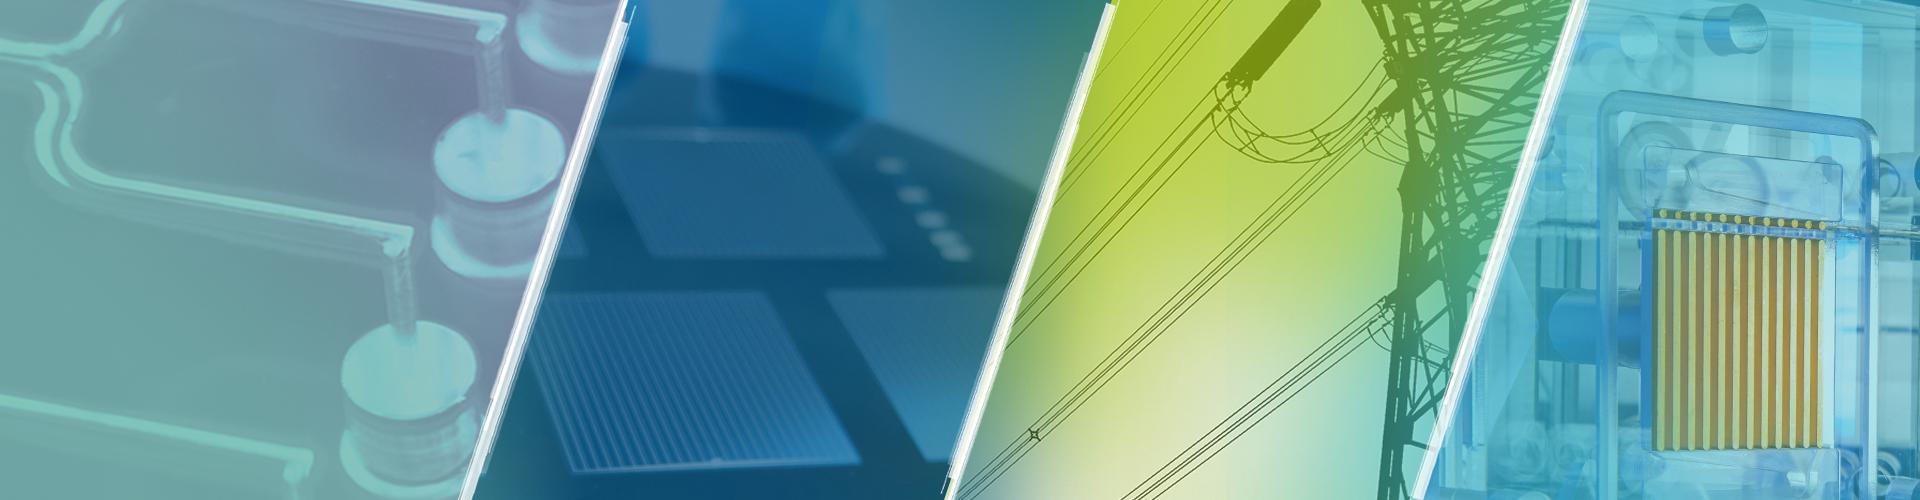 Die 4E: Energieeffizienz, Energiegewinnung, Energieverteilung und Energiespeicherung